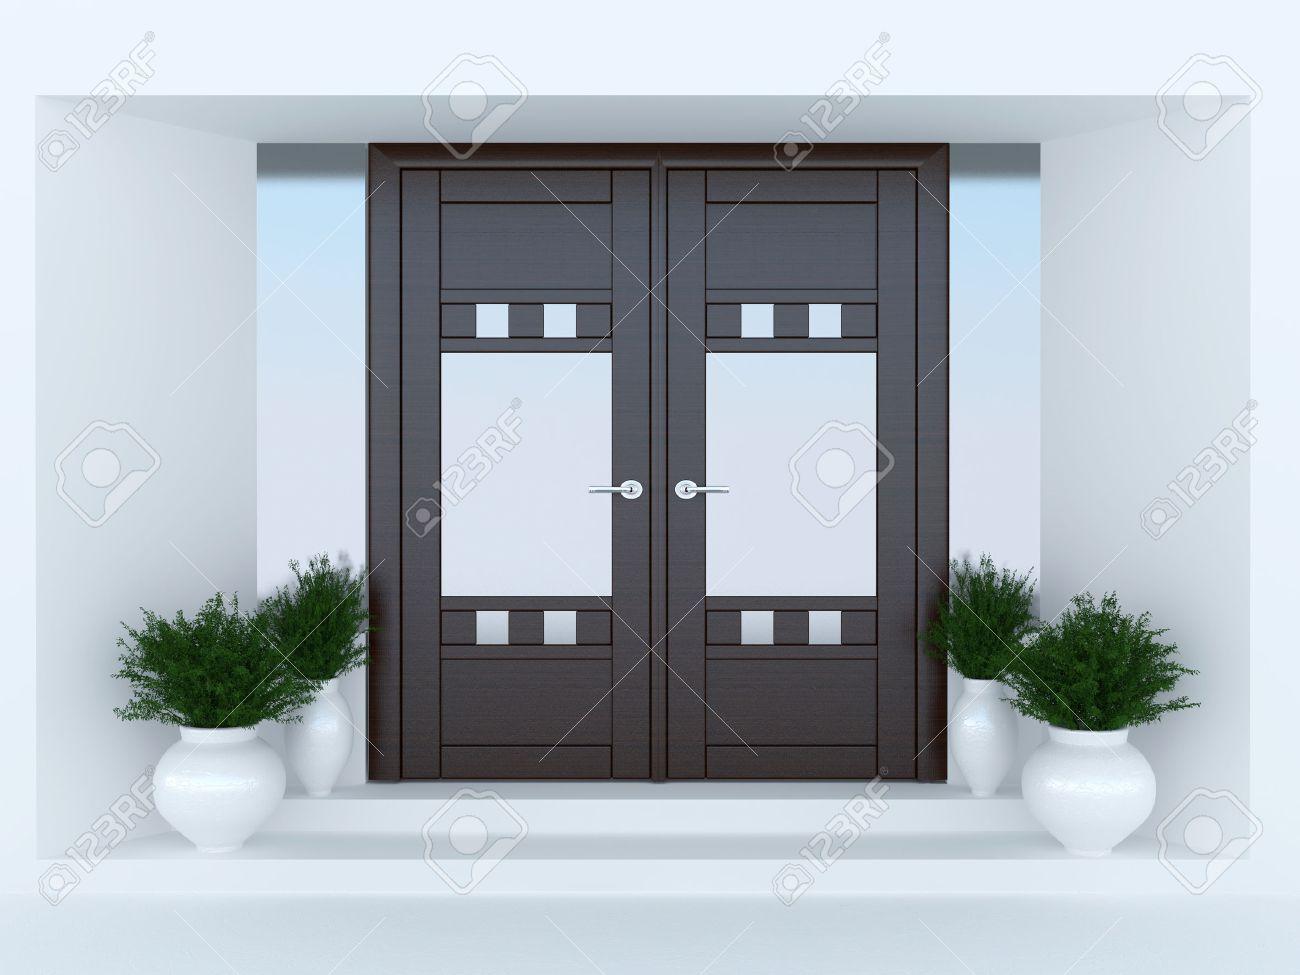 Porte De Maison Moderne porte d'entrée en bois de la maison moderne. banque d'images et